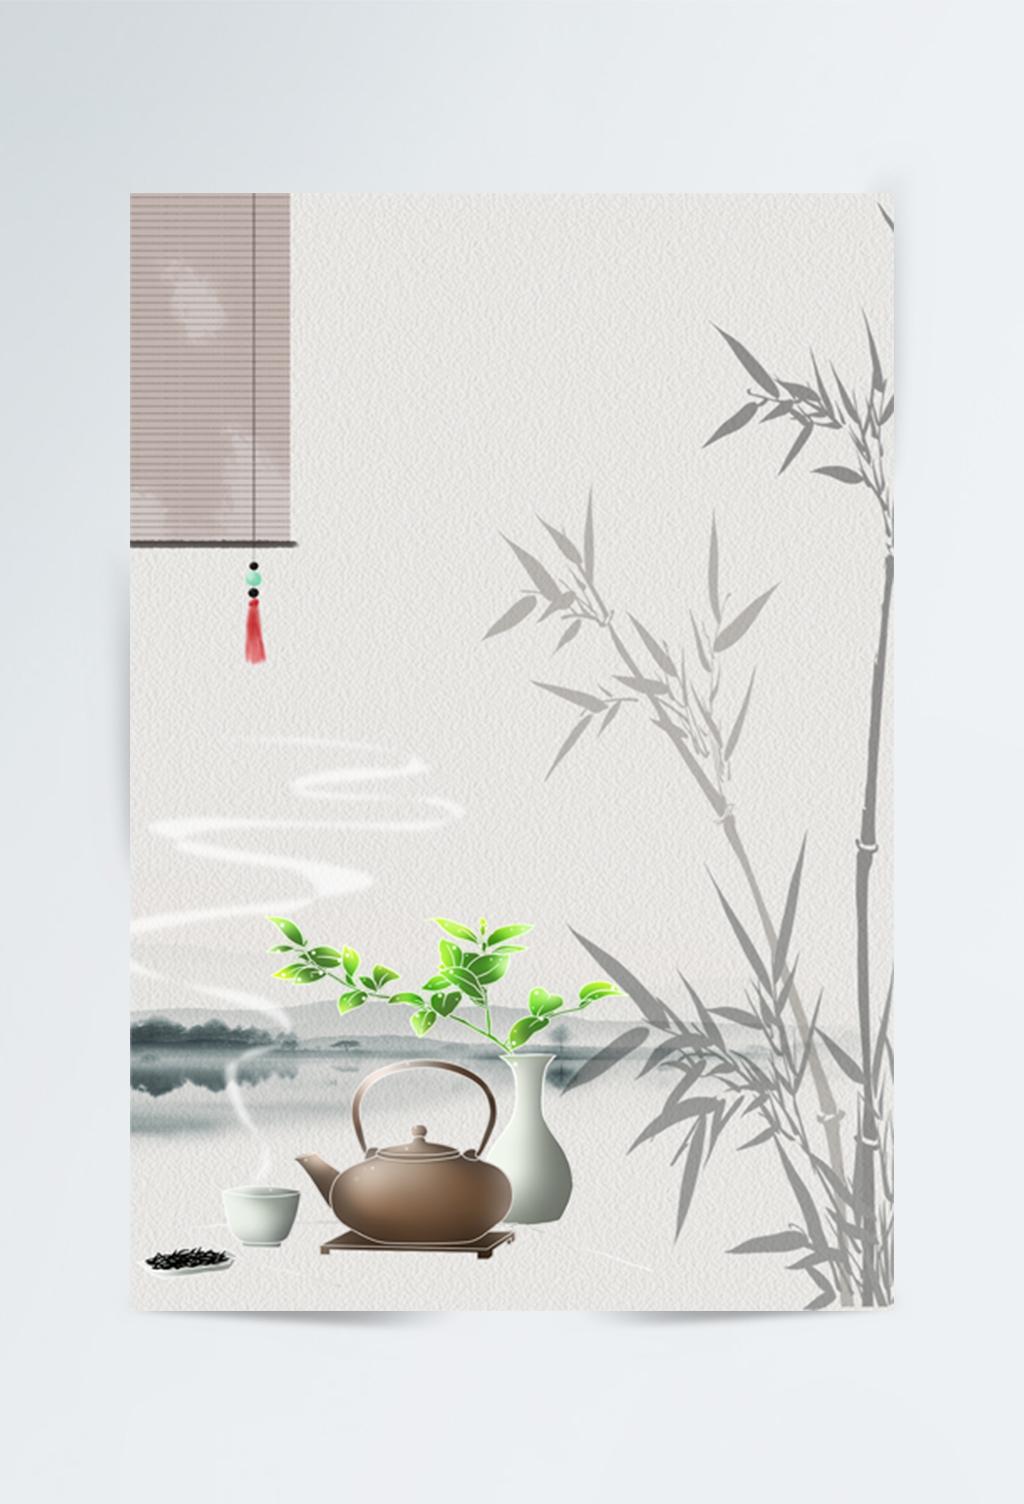 中国风中国茶背景